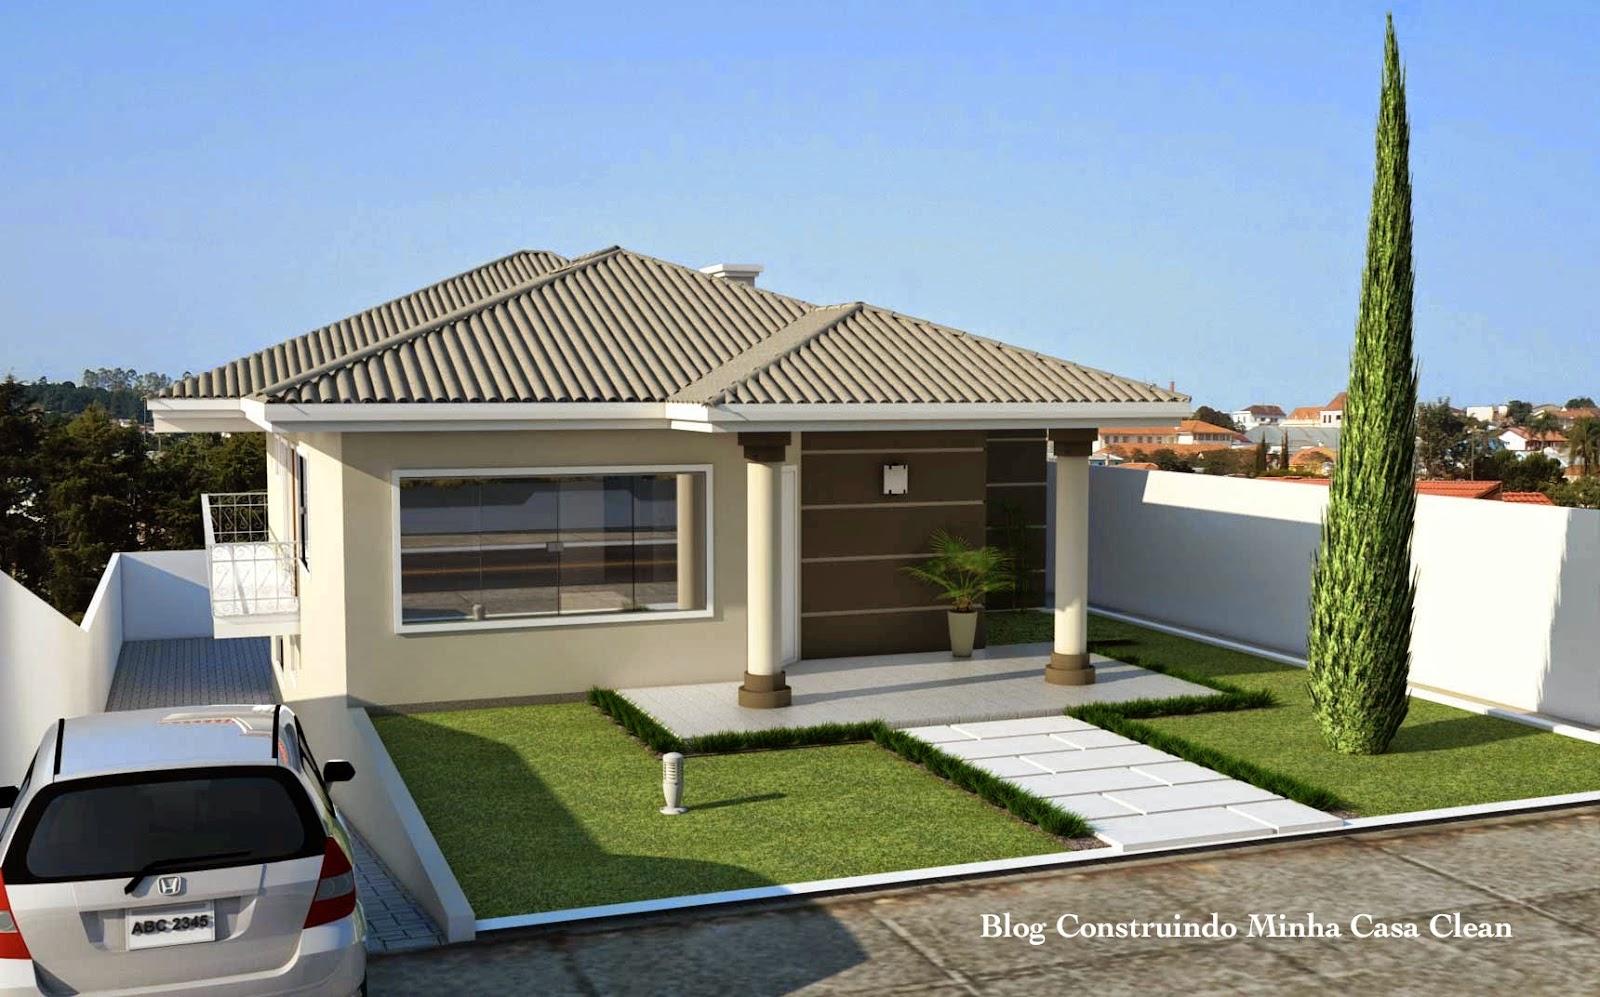 #1A59B1 Construindo Minha Casa Clean: Fachadas de Casas em Terrenos em Declive  1418 Quanto Custa Uma Janela De Aluminio Para Quarto